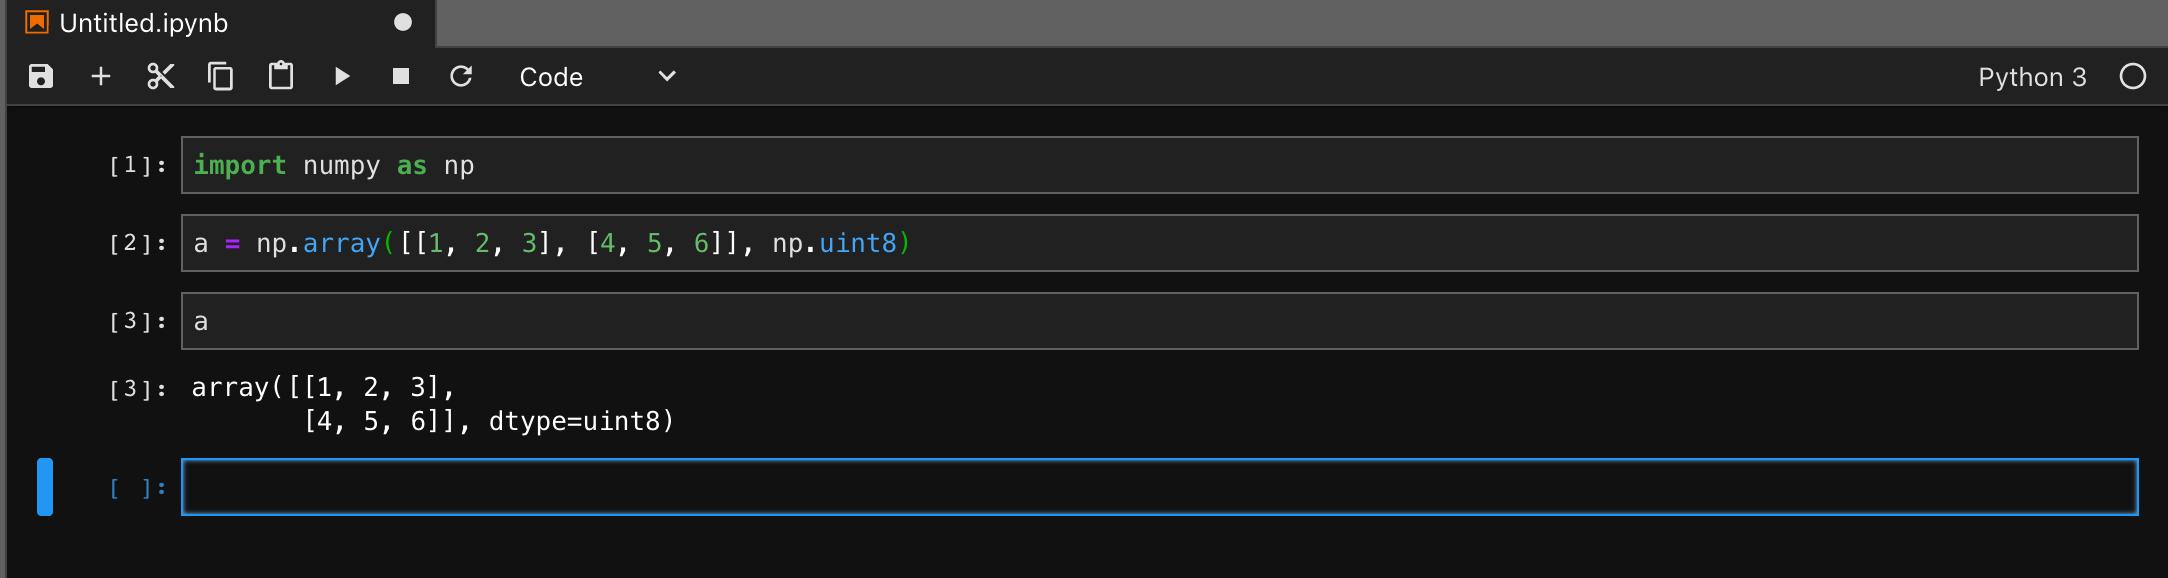 小林研究室 - Python 環境の作成 - Rubyist の Python 学習記録(3)